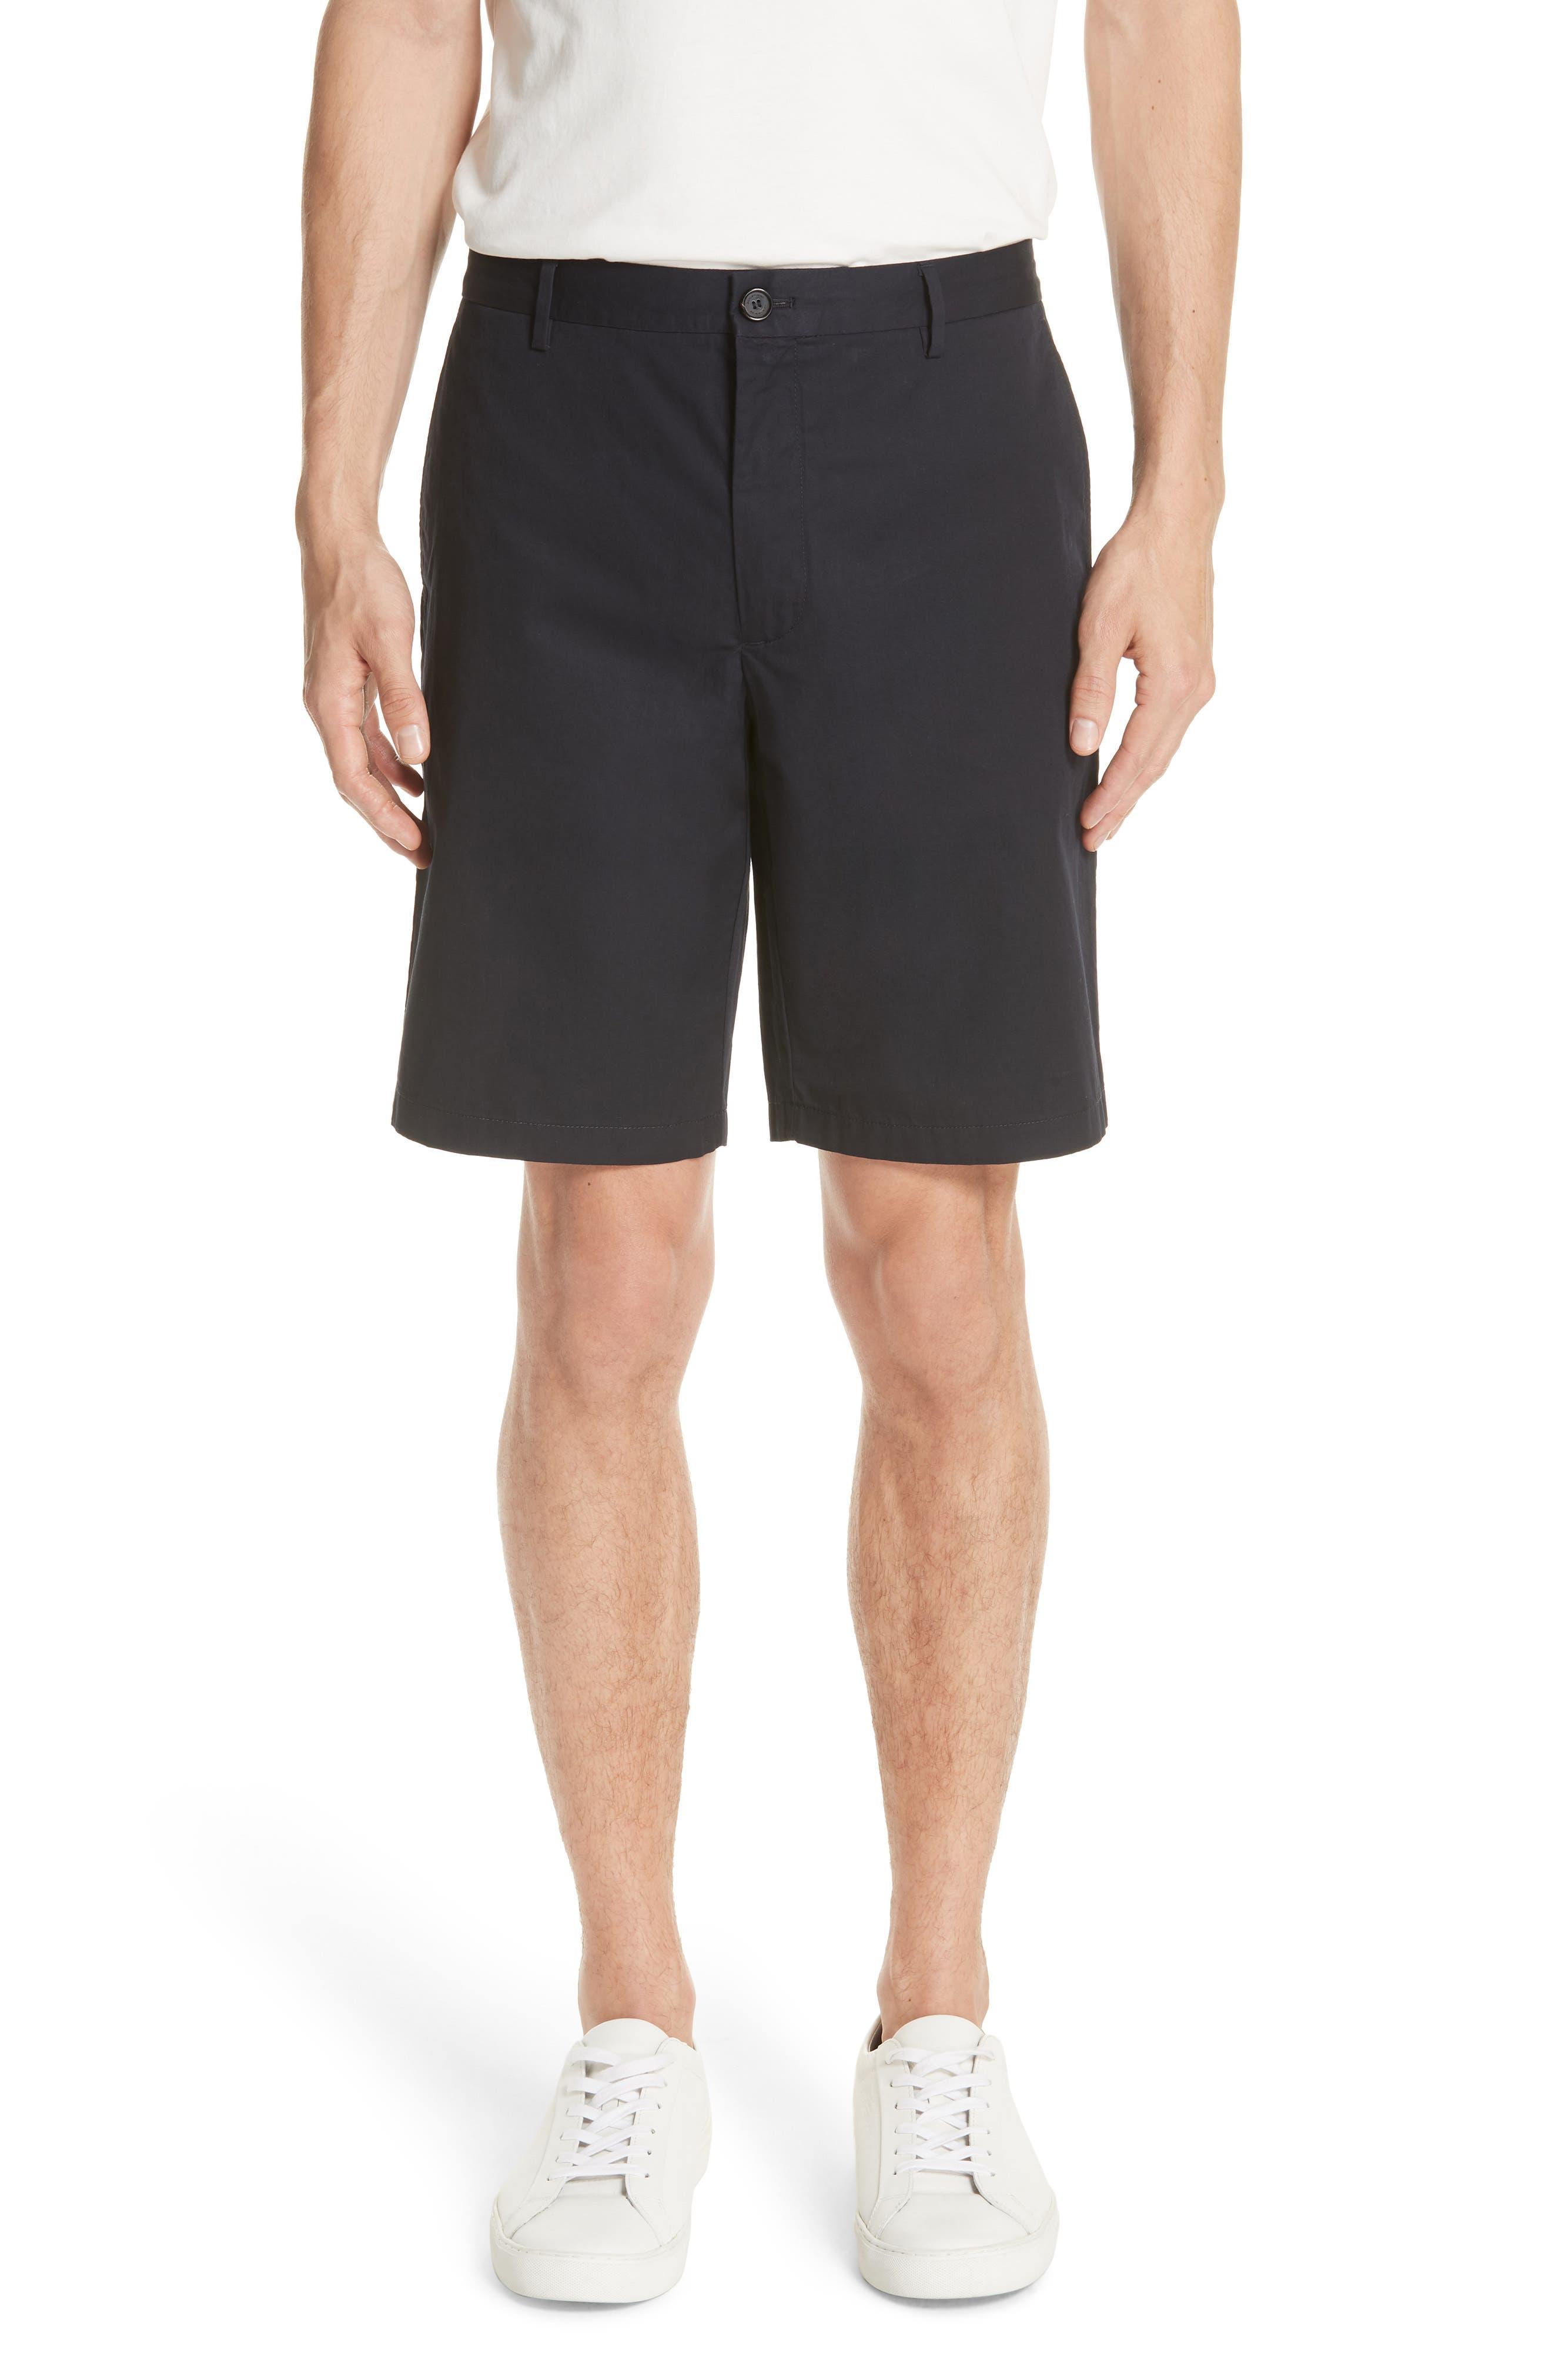 Burberry Stanhope Chino Shorts